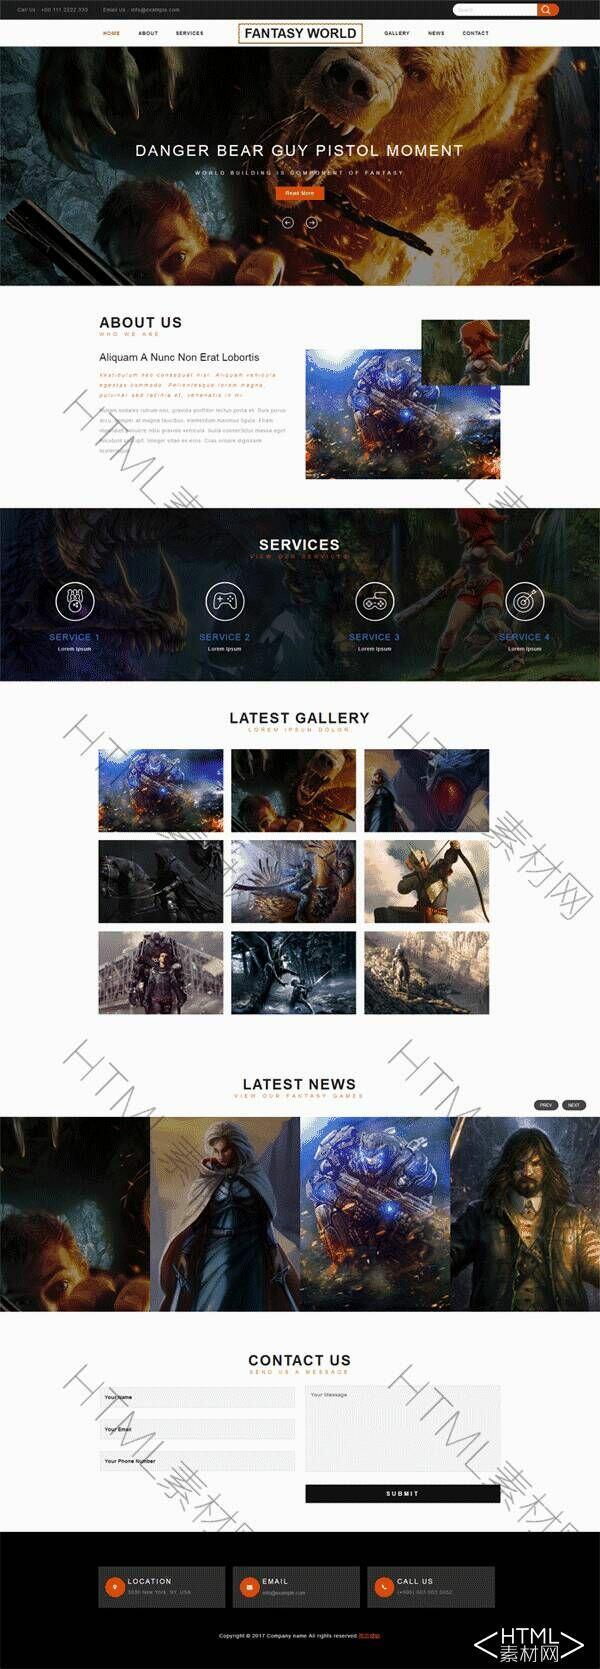 简单的响应式游戏介绍网页模板.jpg